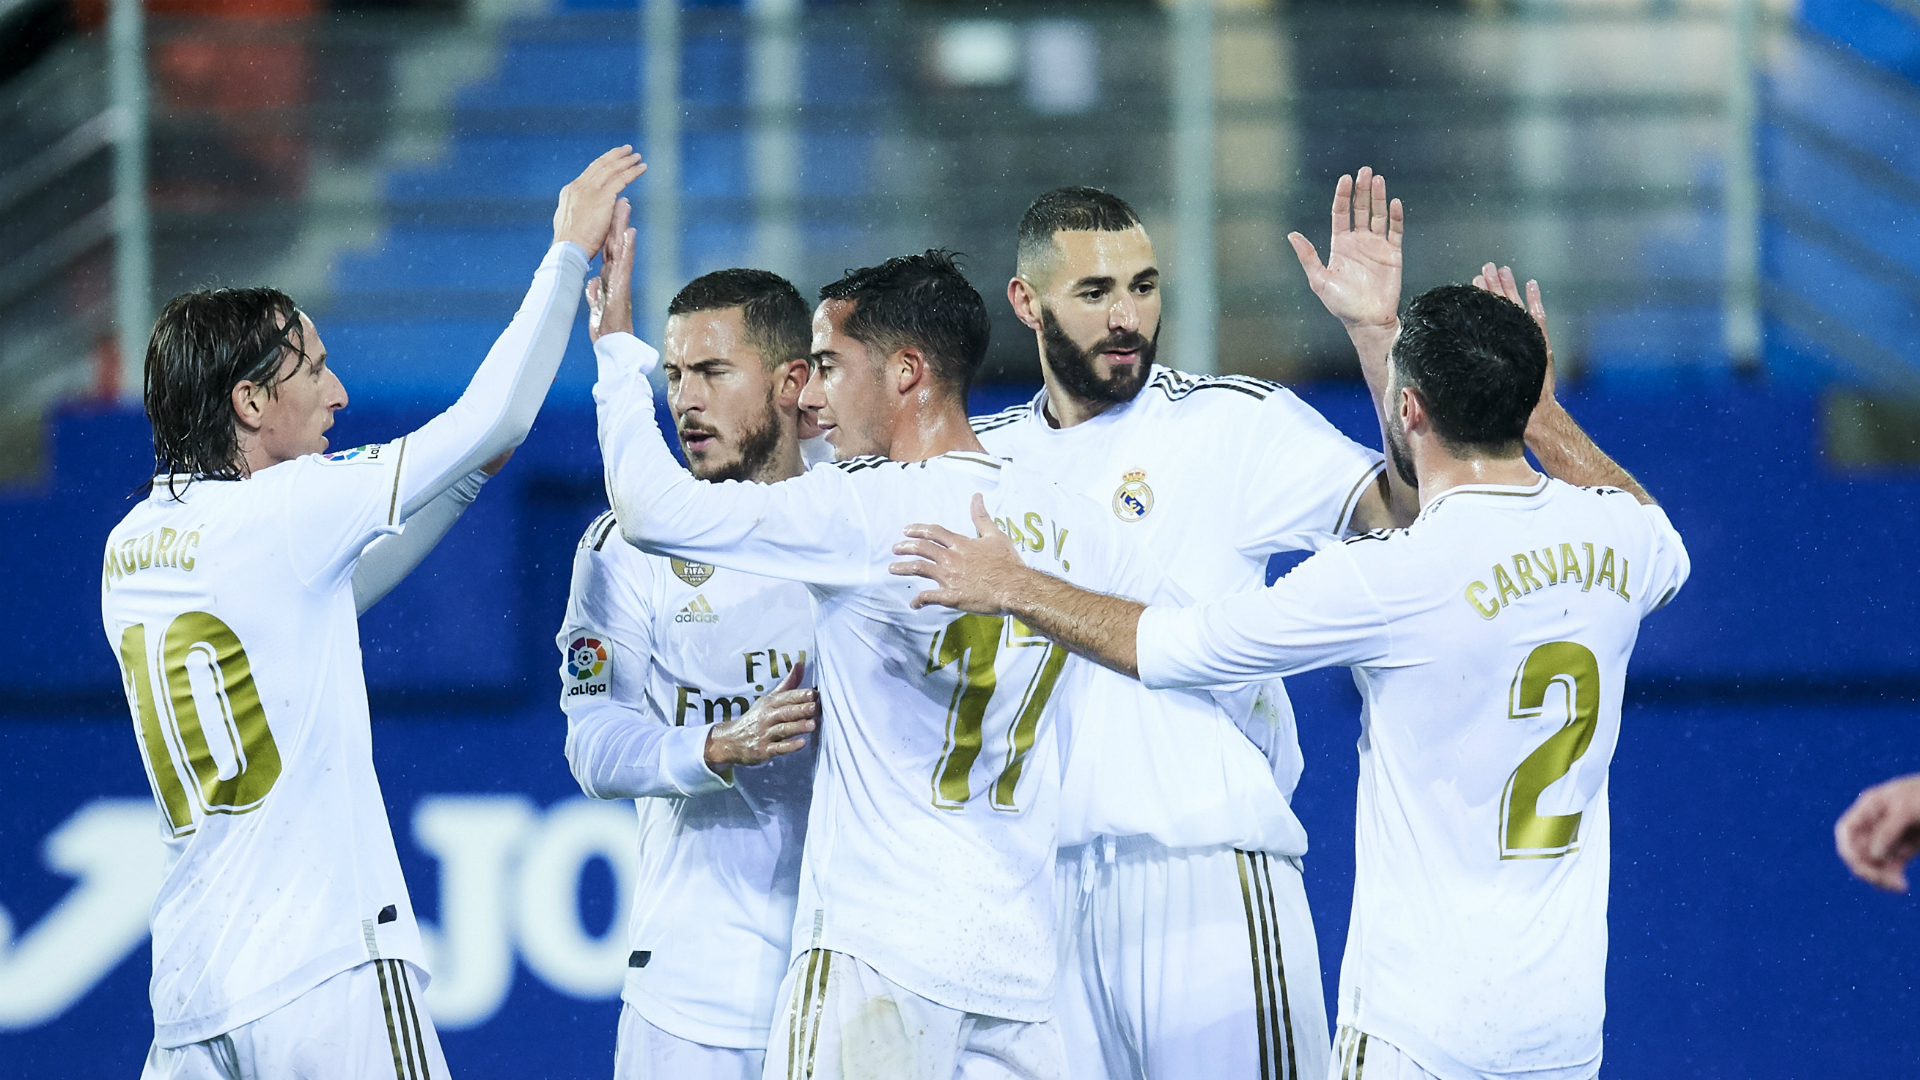 Soi kèo Real Madrid vs Eibar: Không dễ như lấy đồ trong túi